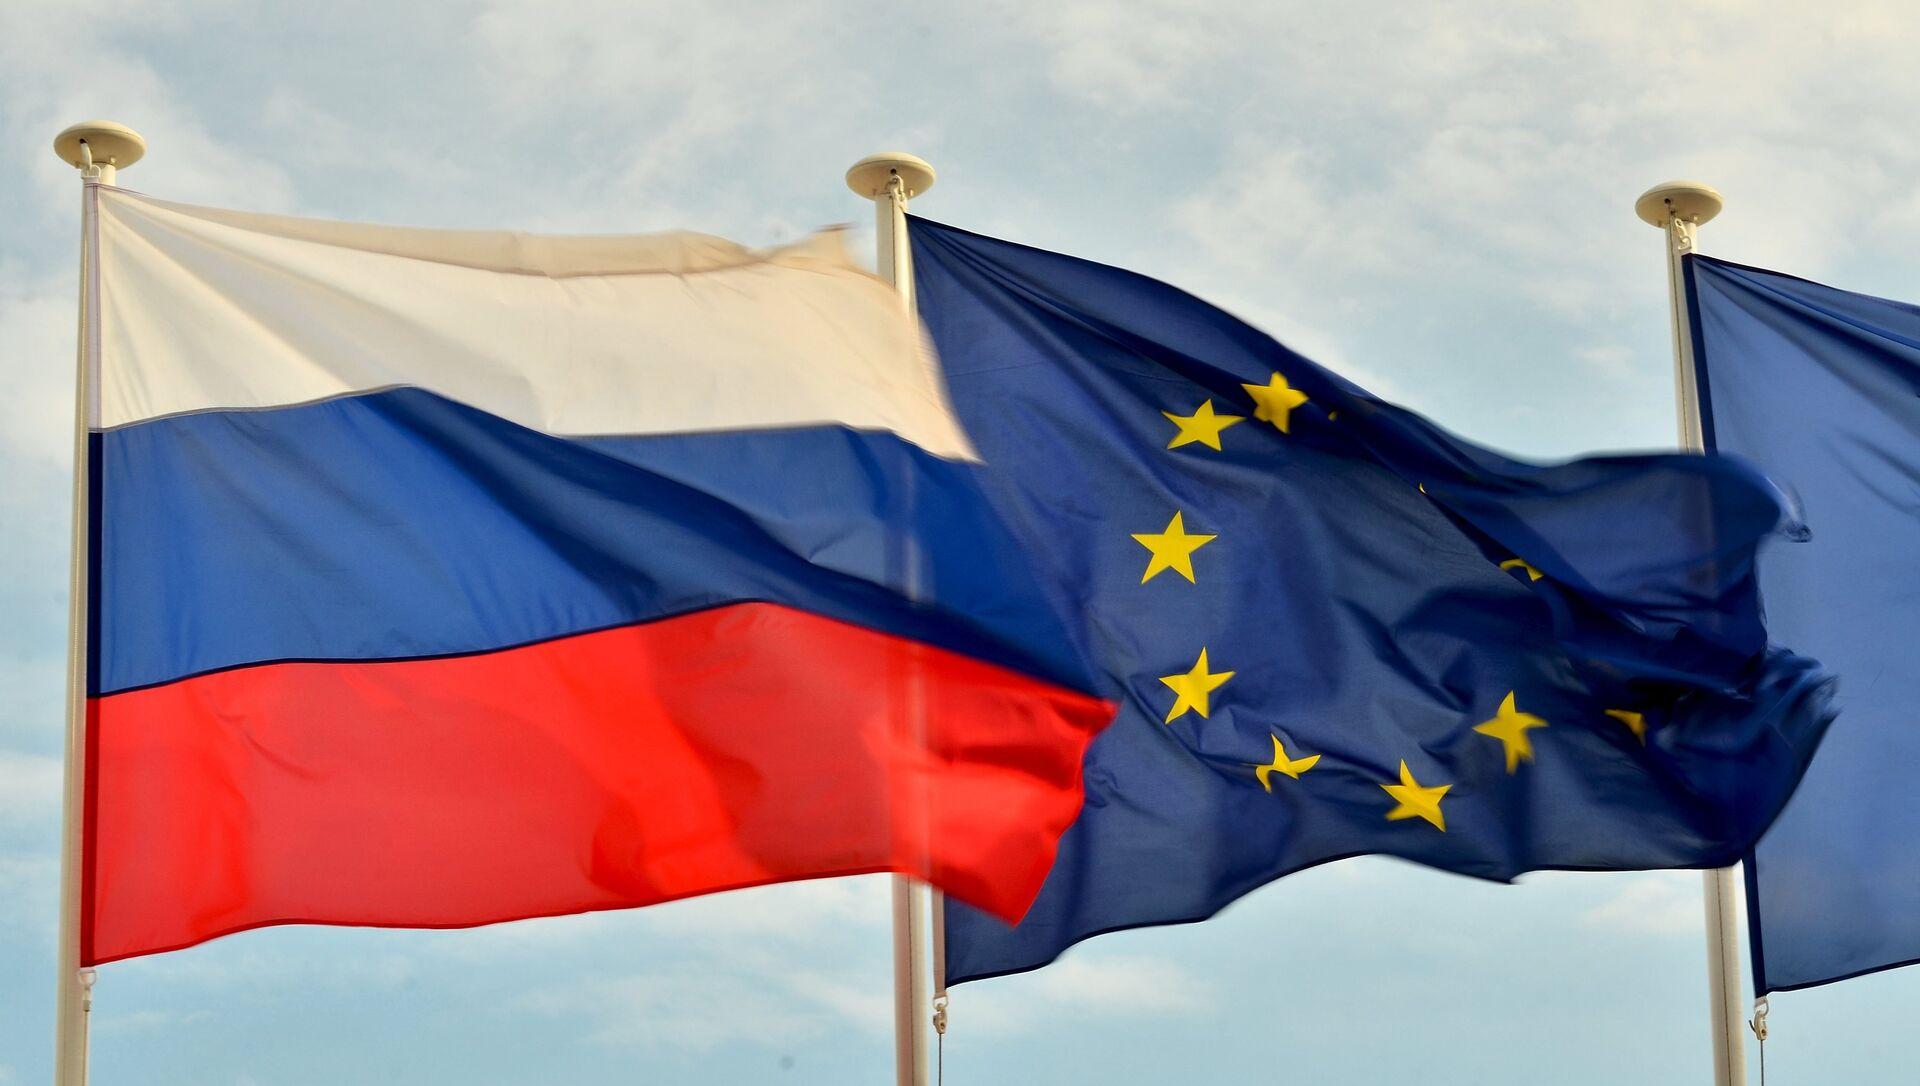 Флаги России, ЕС, Франции и герб Ниццы на набережной Ниццы - Sputnik Mundo, 1920, 03.02.2021